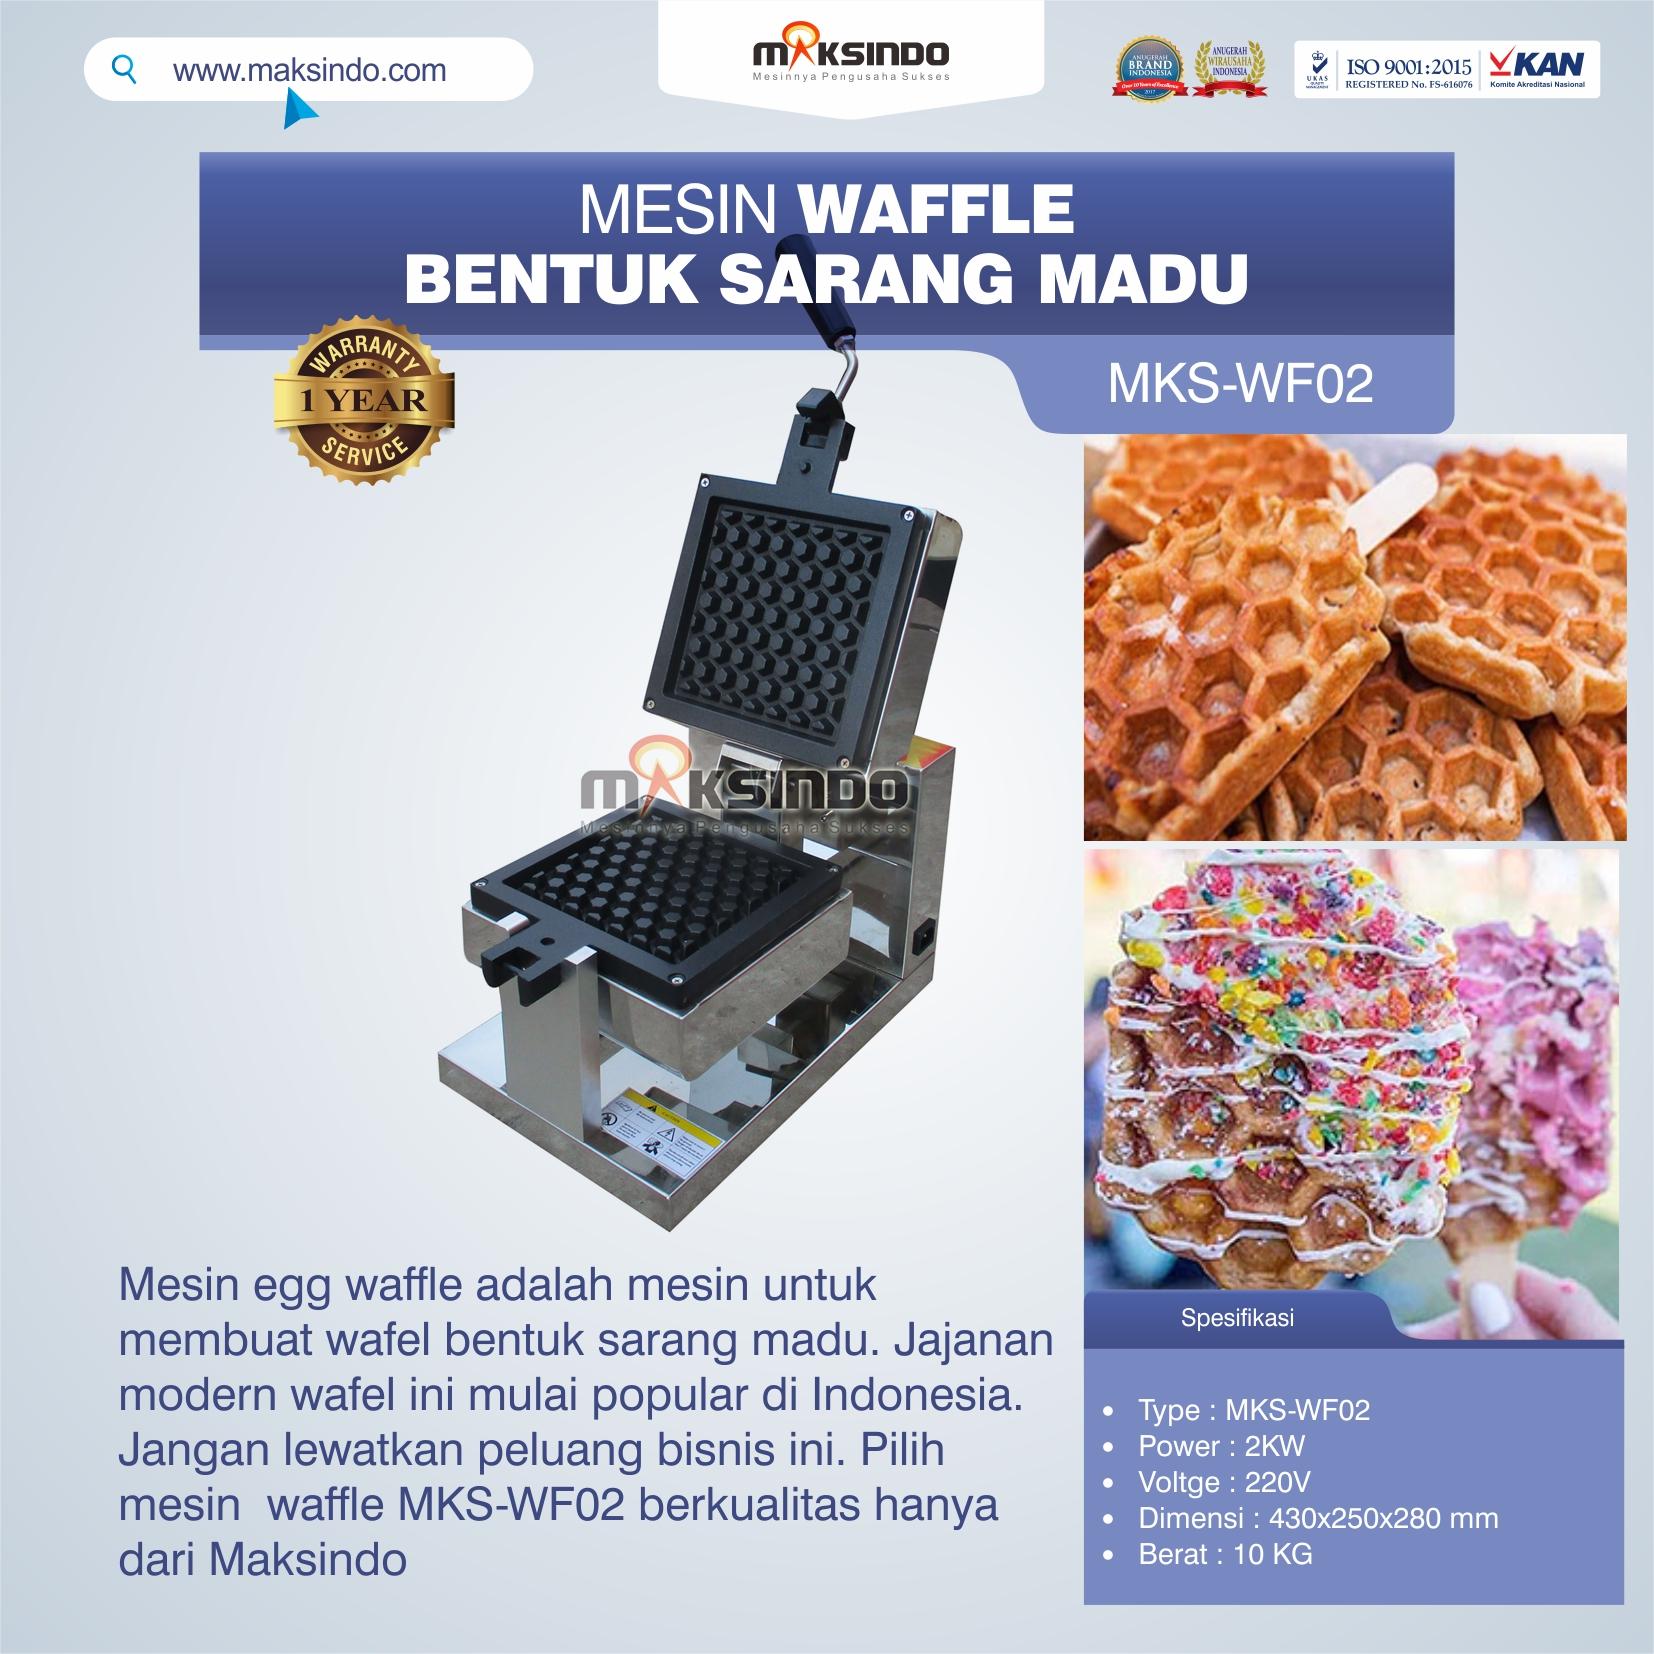 Jual Mesin Waffle Bentuk Sarang Madu MKS-WF02 di Bekasi